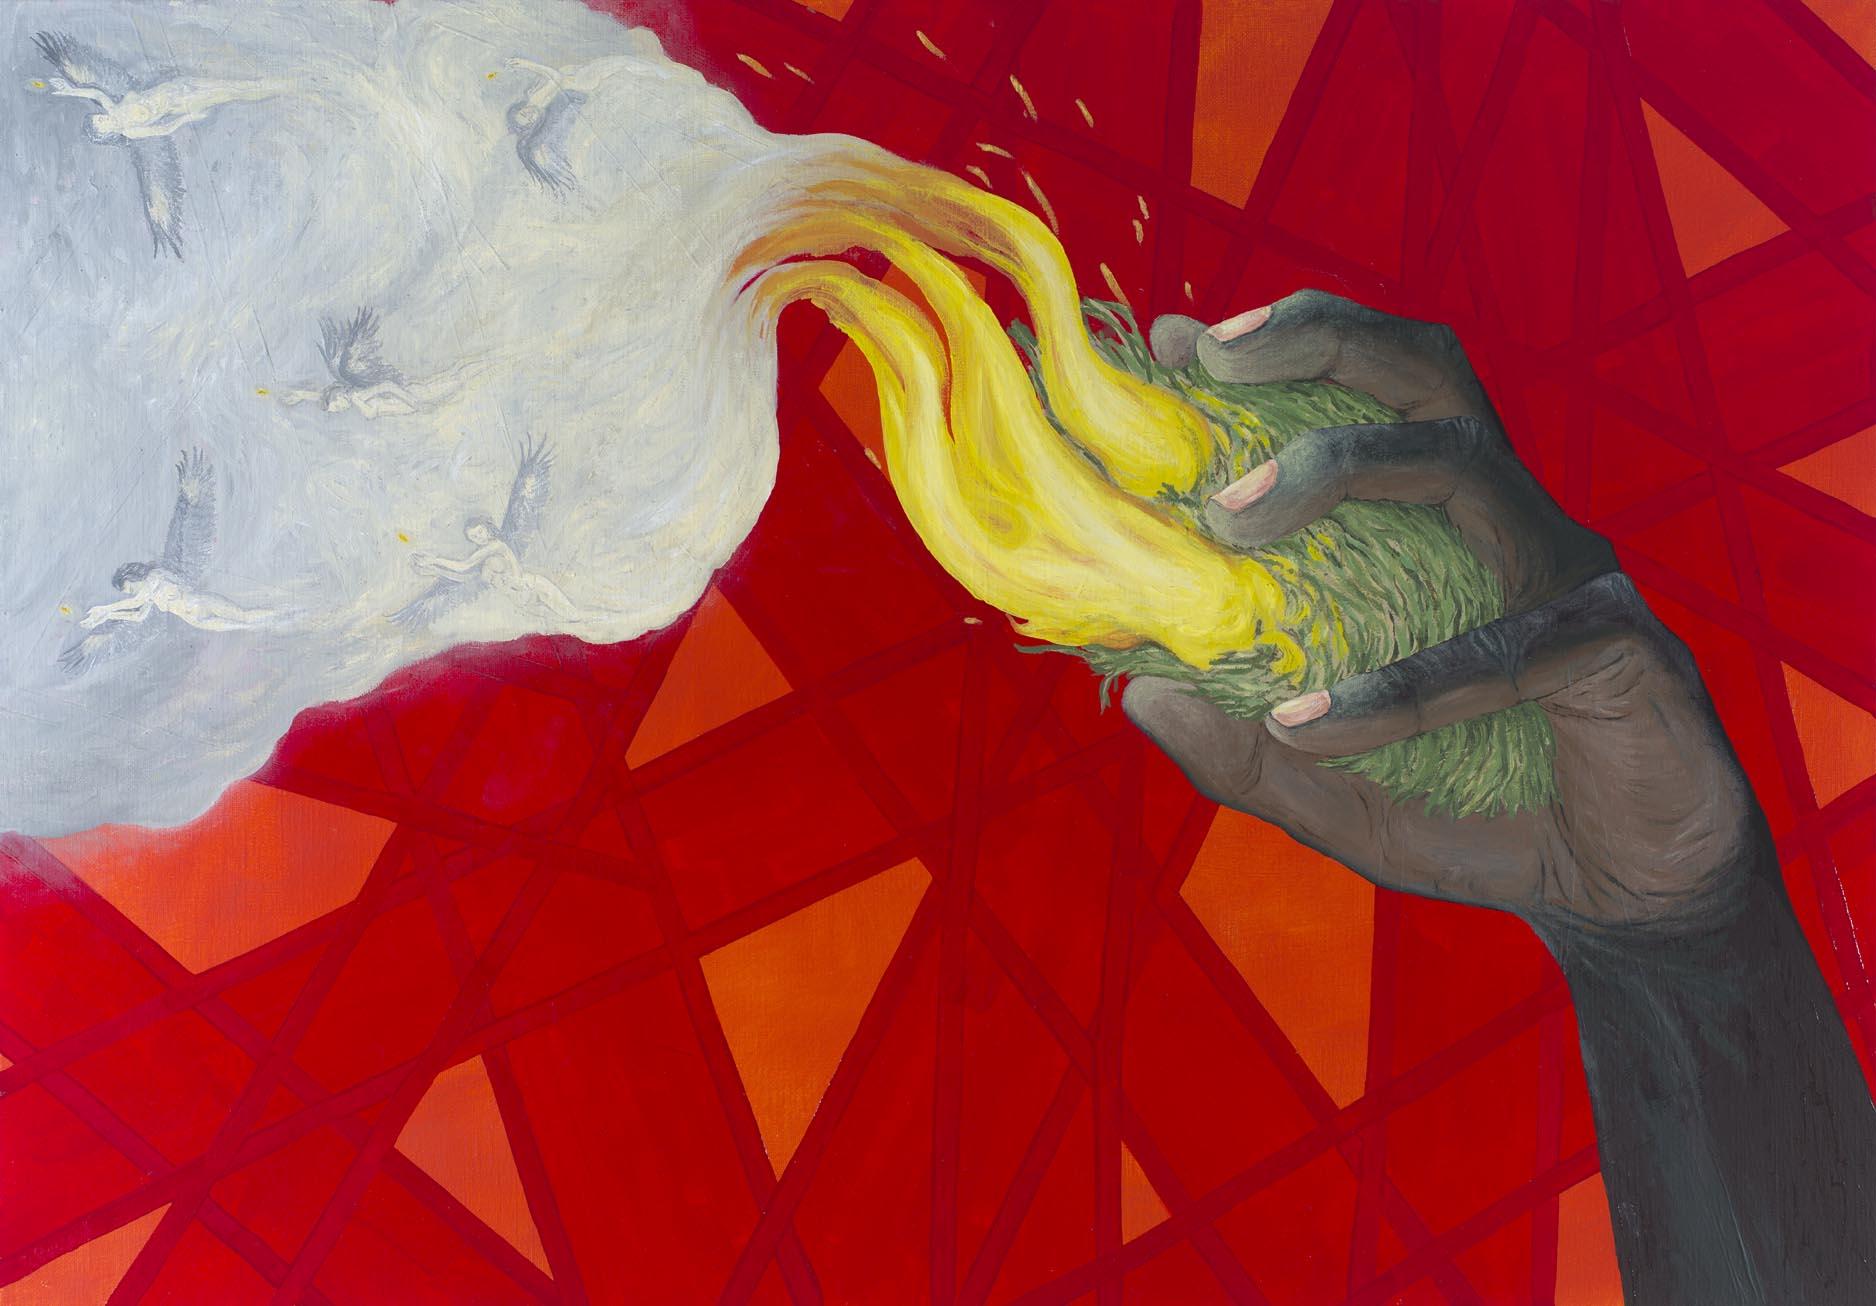 Ryan Presley, Possession, 2012, Oil on Linen, 100 x 70.5 cm